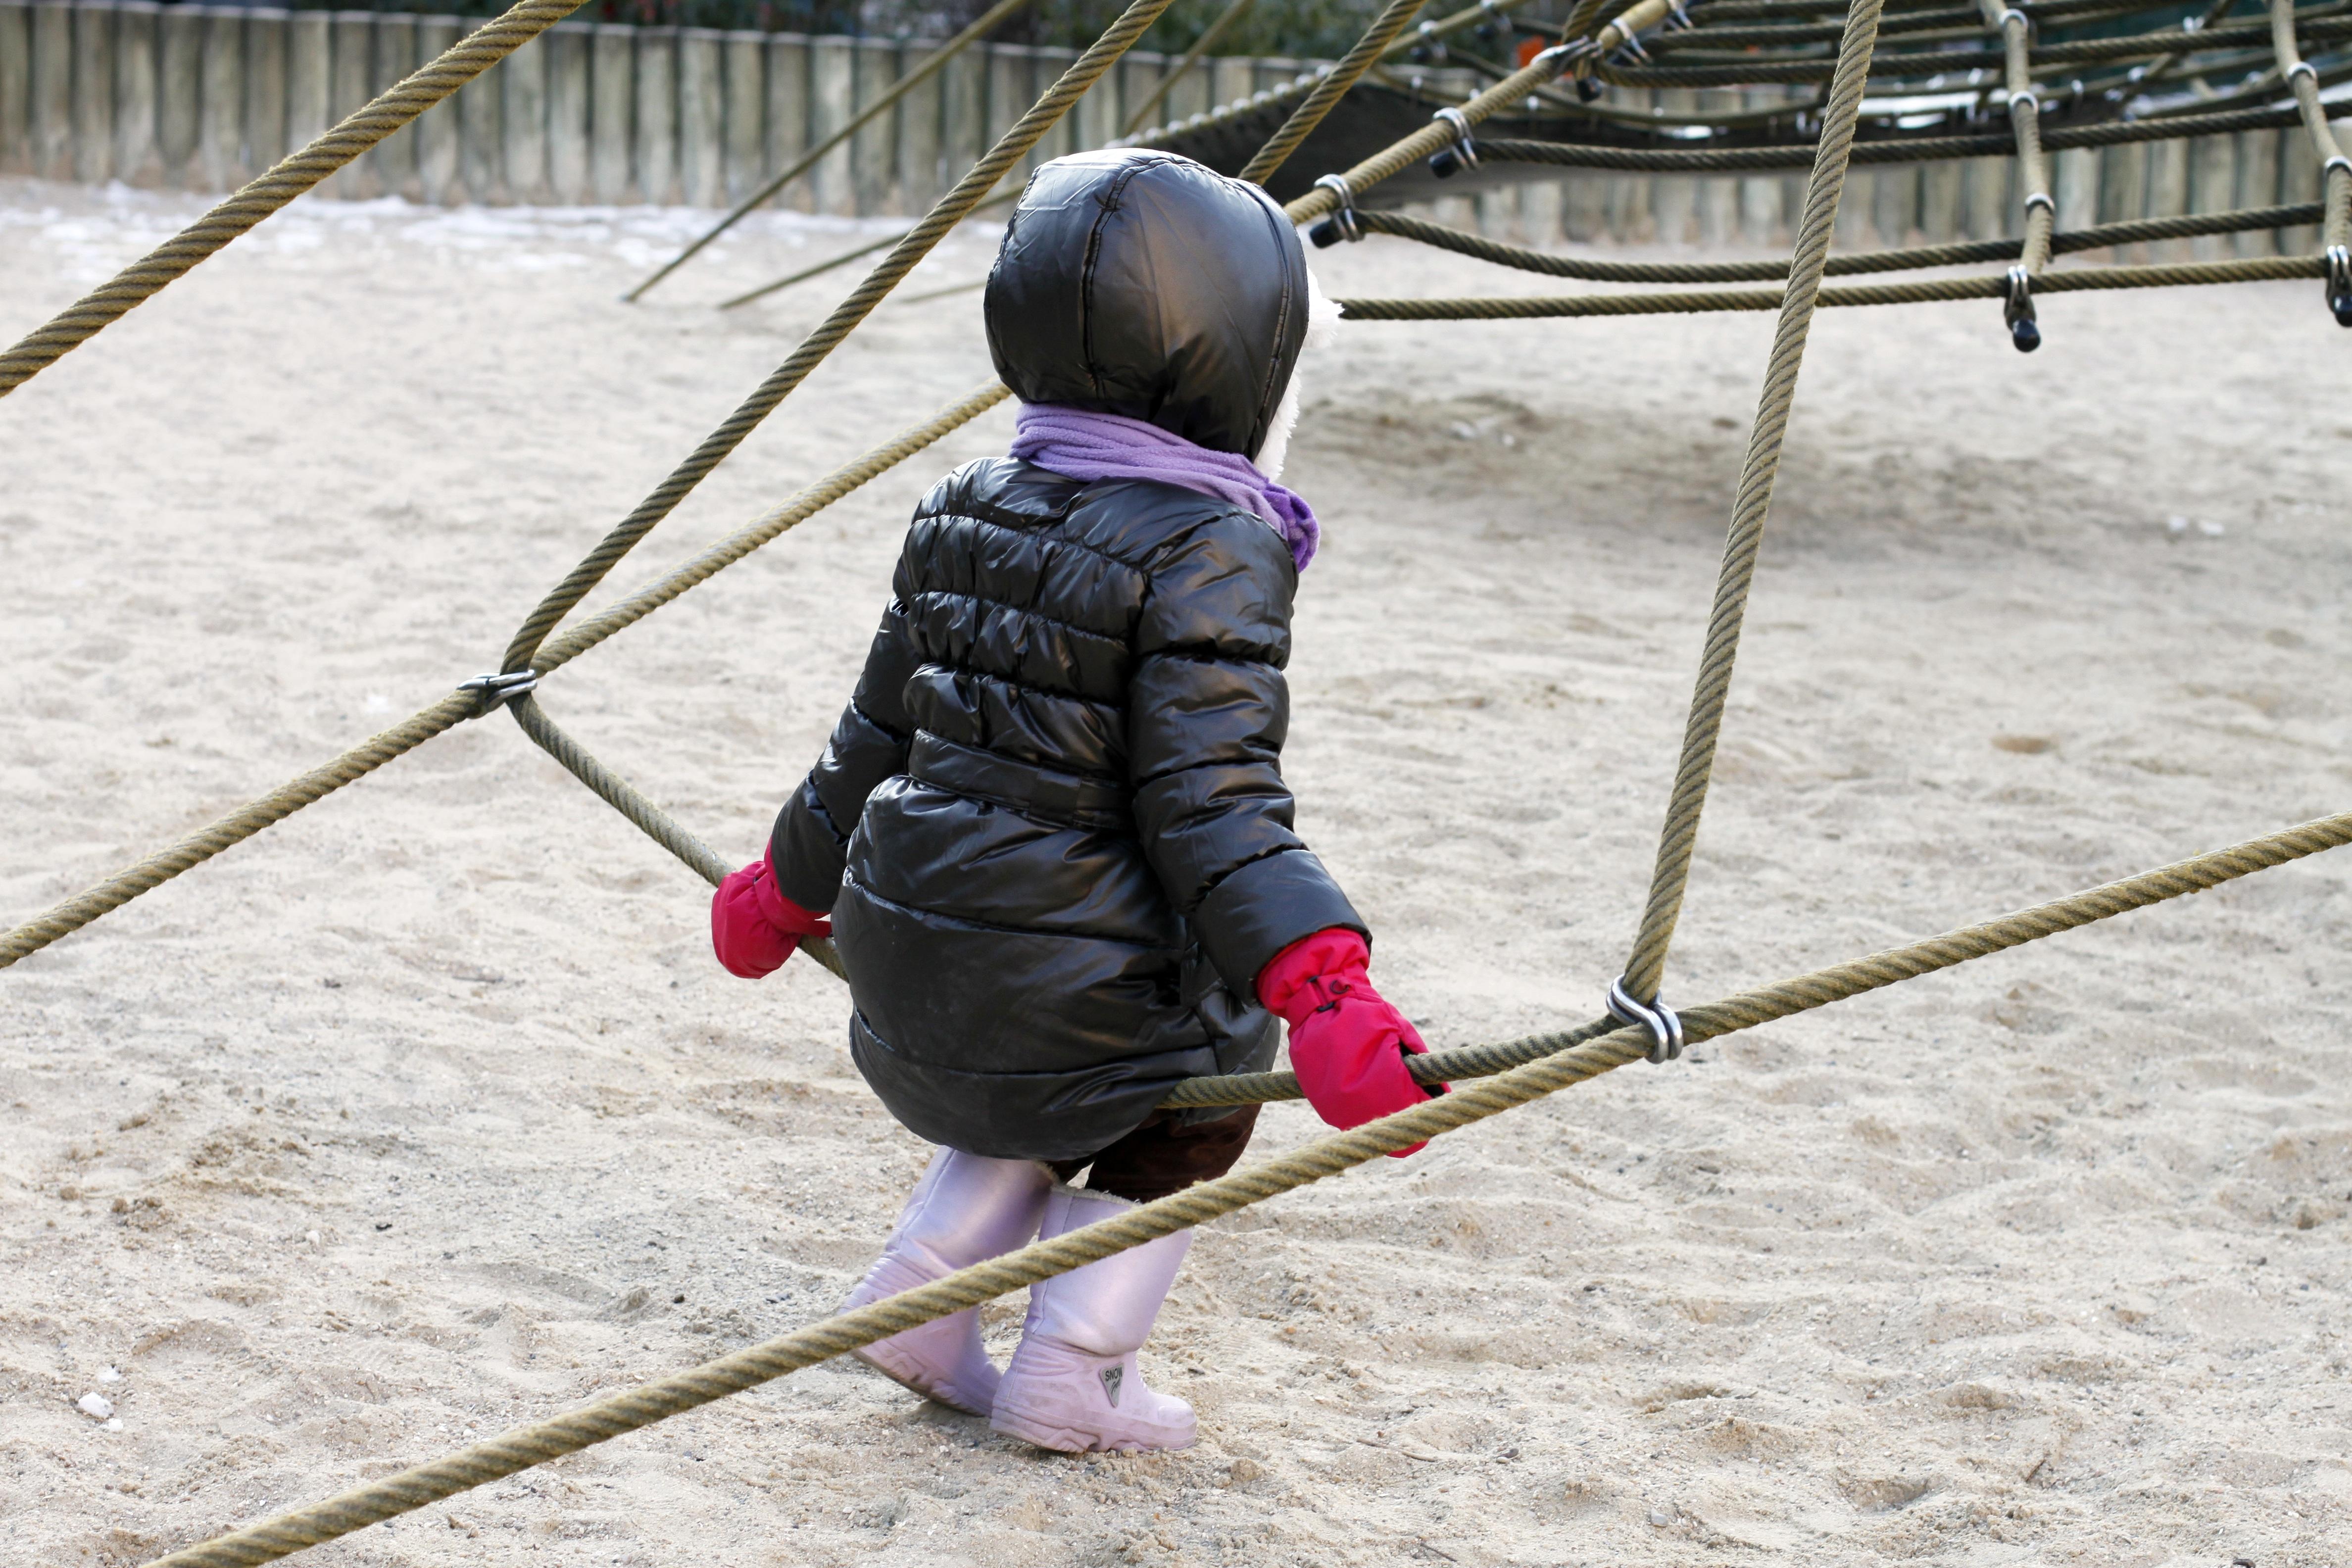 elegant nieve nia jugar parque nio alpinismo juguete patio de recreo juegos juegos infantiles equipo de juego